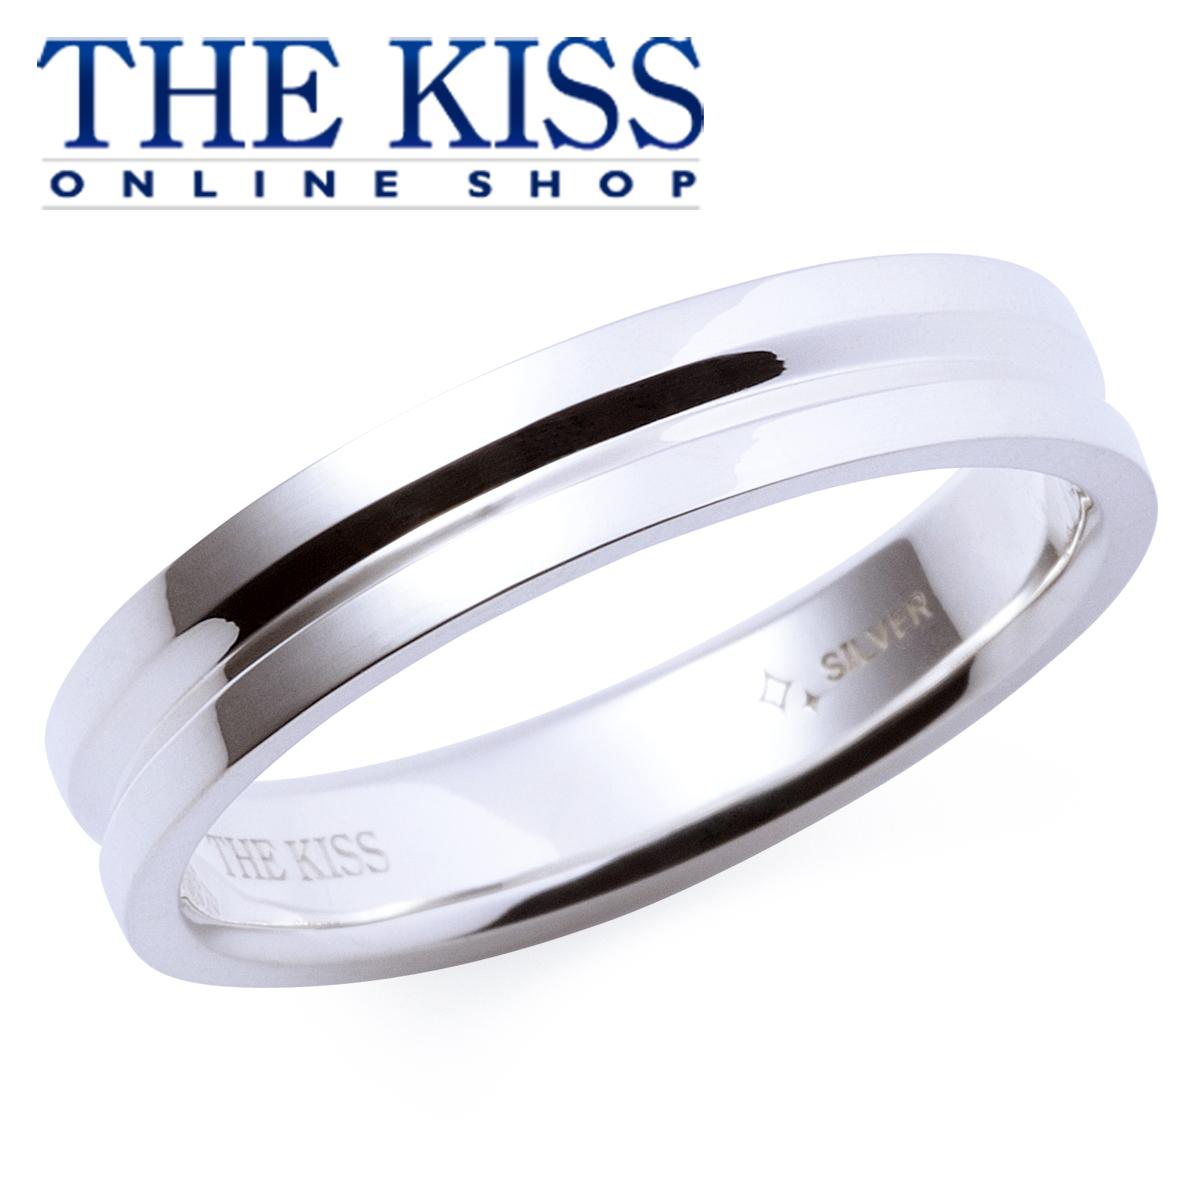 【あす楽対応】THE KISS 公式サイト シルバー ペアリング ( メンズ 単品 ) ペアアクセサリー カップル に 人気 の ジュエリーブランド THEKISS ペア リング・指輪 記念日 プレゼント PSR824 ザキス 【送料無料】